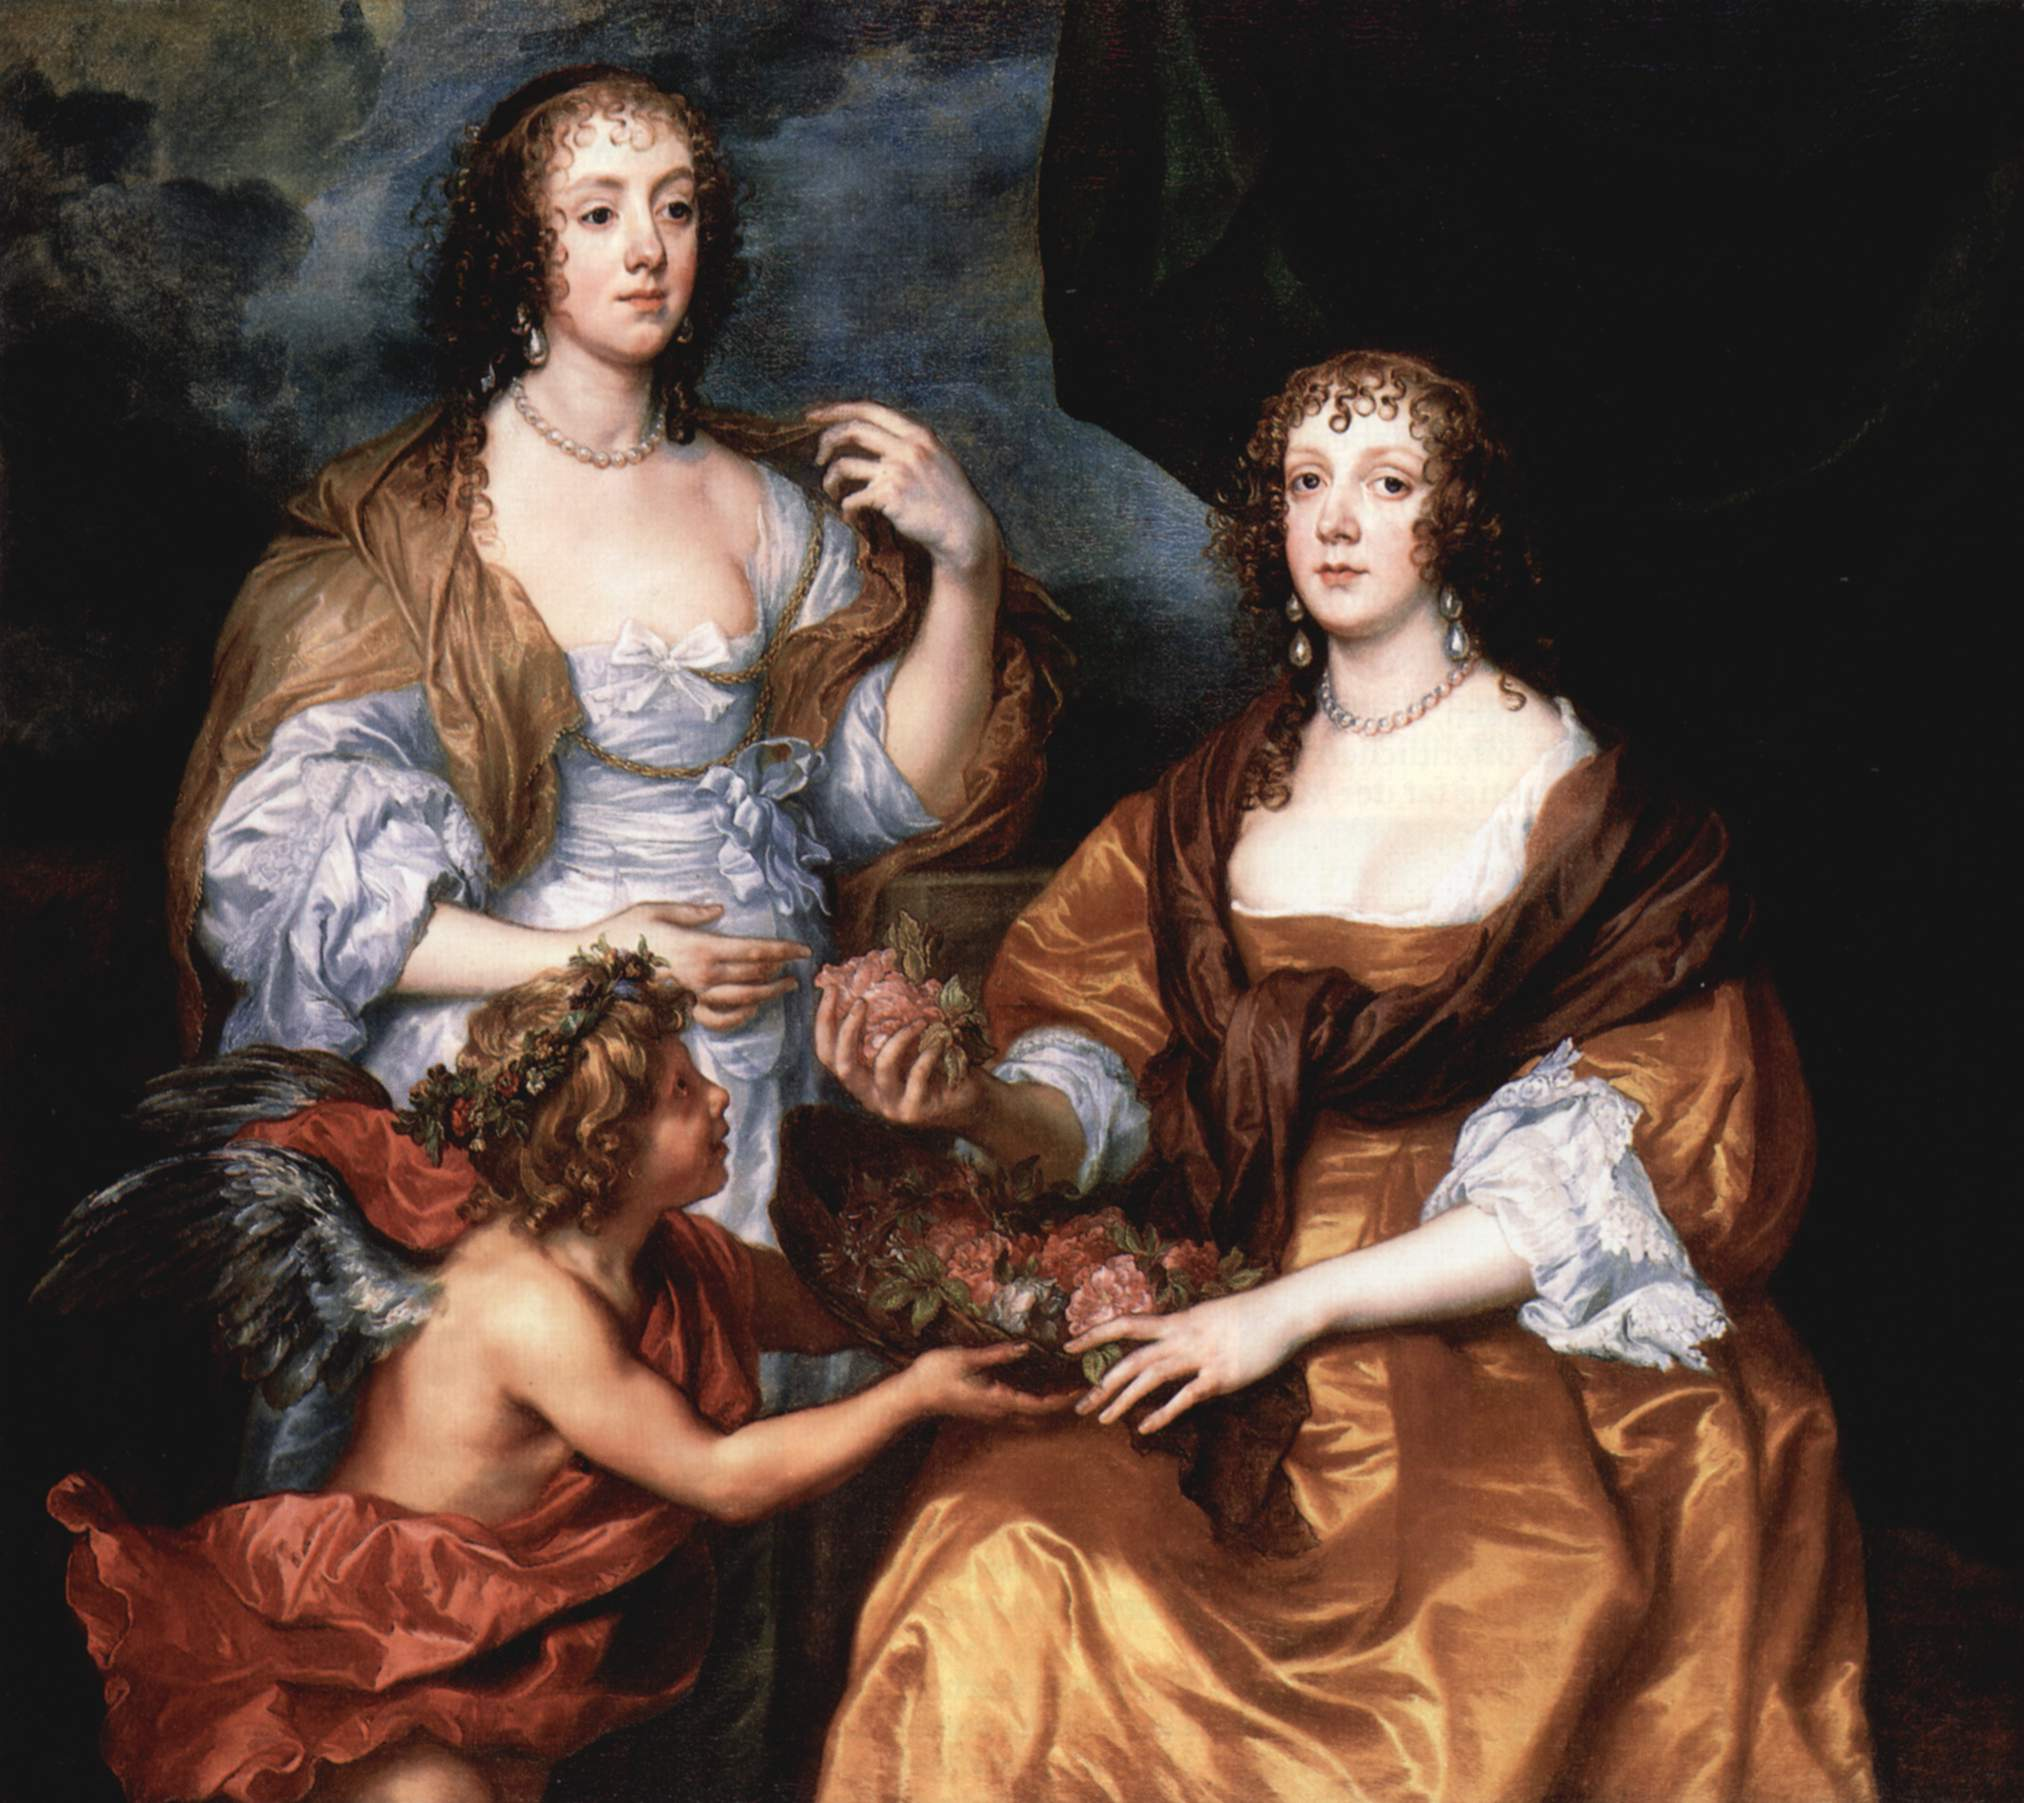 Портрет леди Элизабет Тимблиби и виконтессы Доротеи Андовер, Антонис ван Дейк